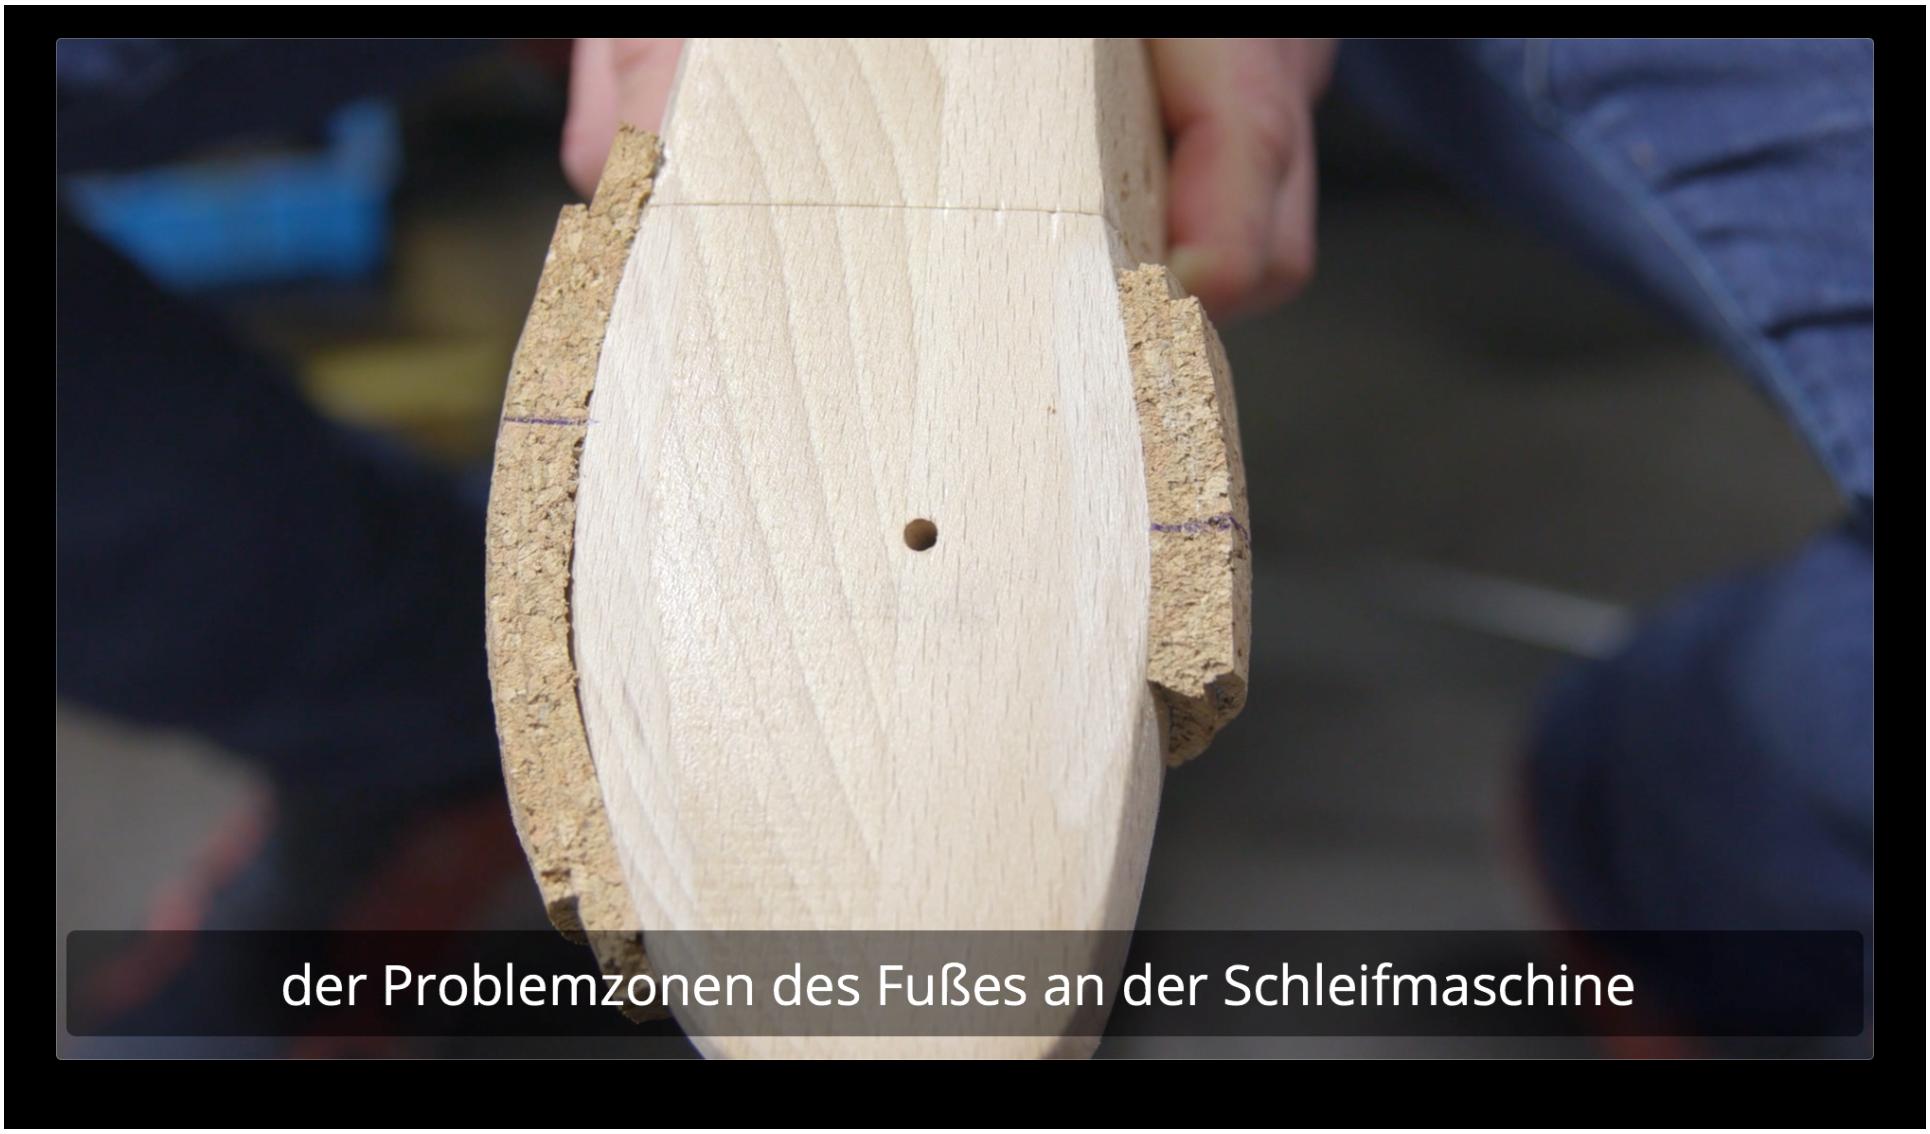 Die Holzschale wird deinem Innenfuß angepasst